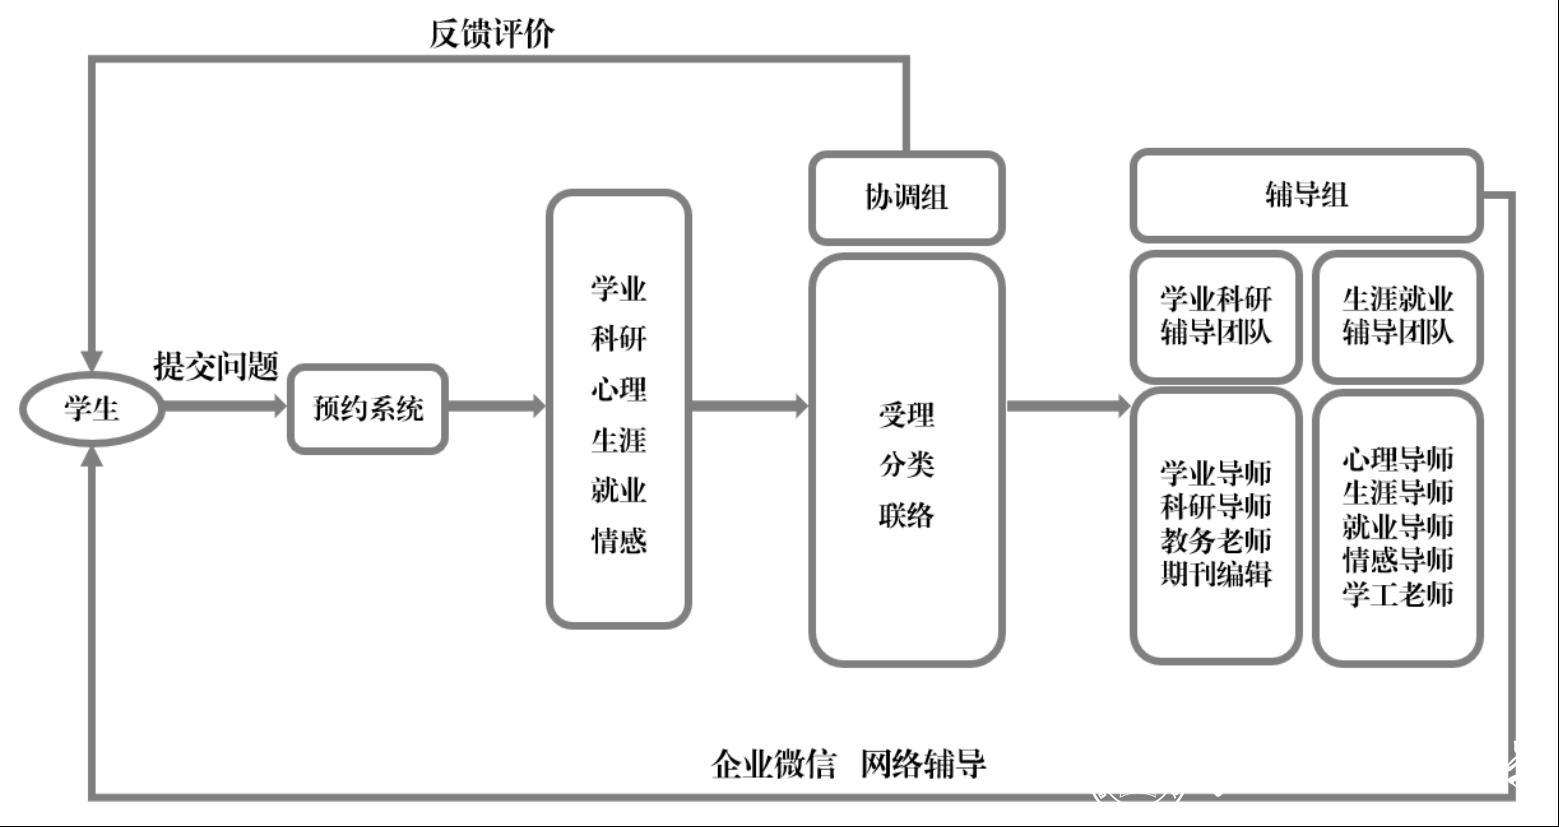 http://www.jiaokaotong.cn/kaoyangongbo/323633.html